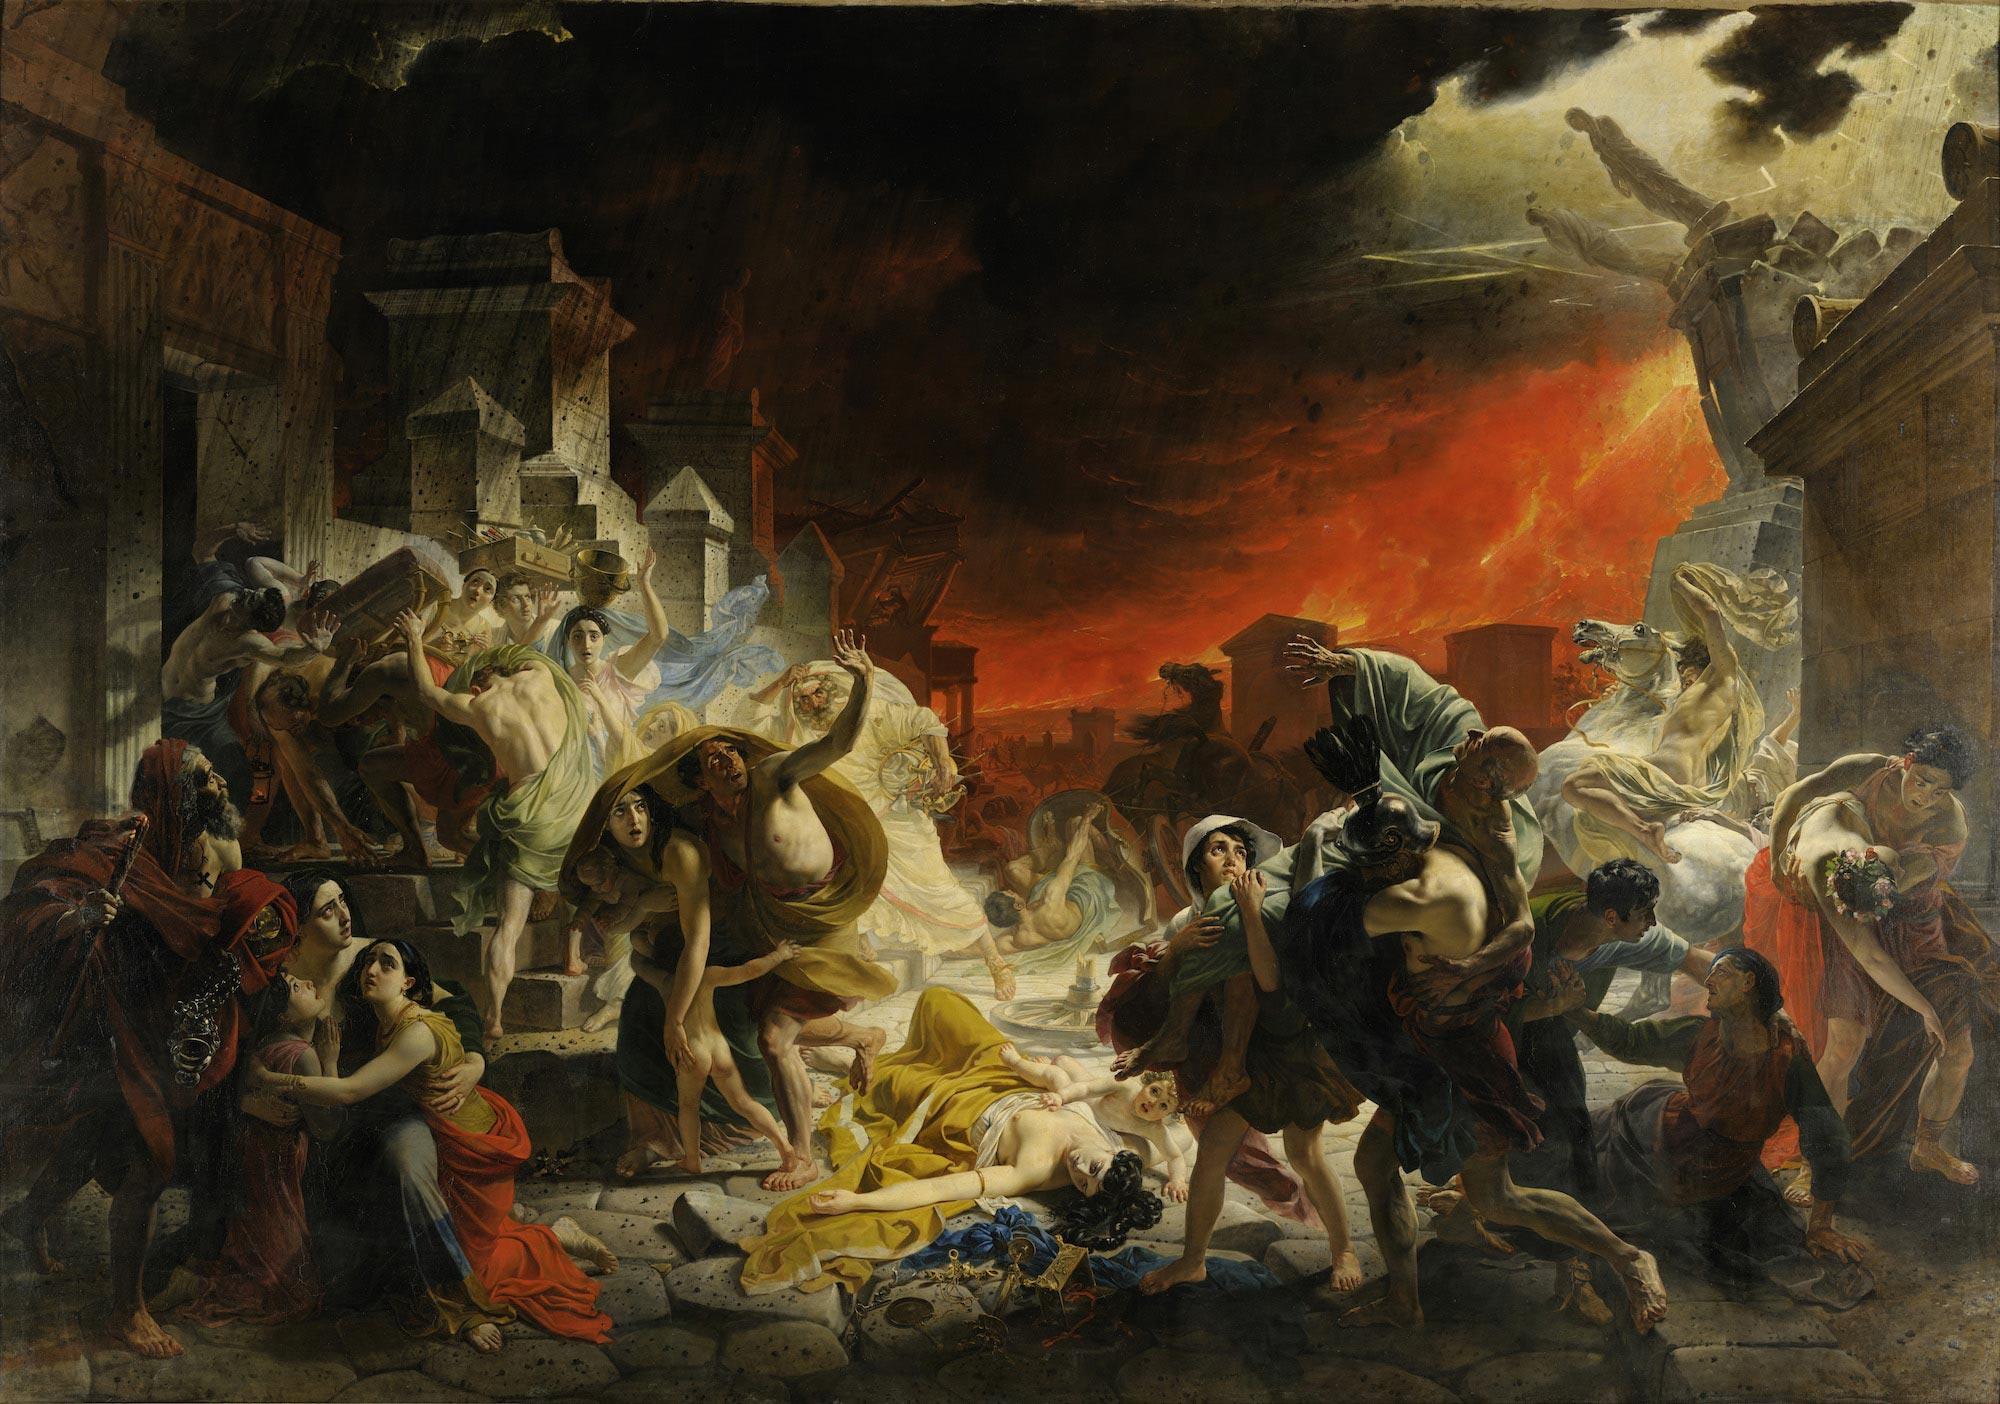 karl brullov the last day of pompeii - <b>Чому добро (не) перемагає зло.</b> Філософський експлейнер Заборони - Заборона